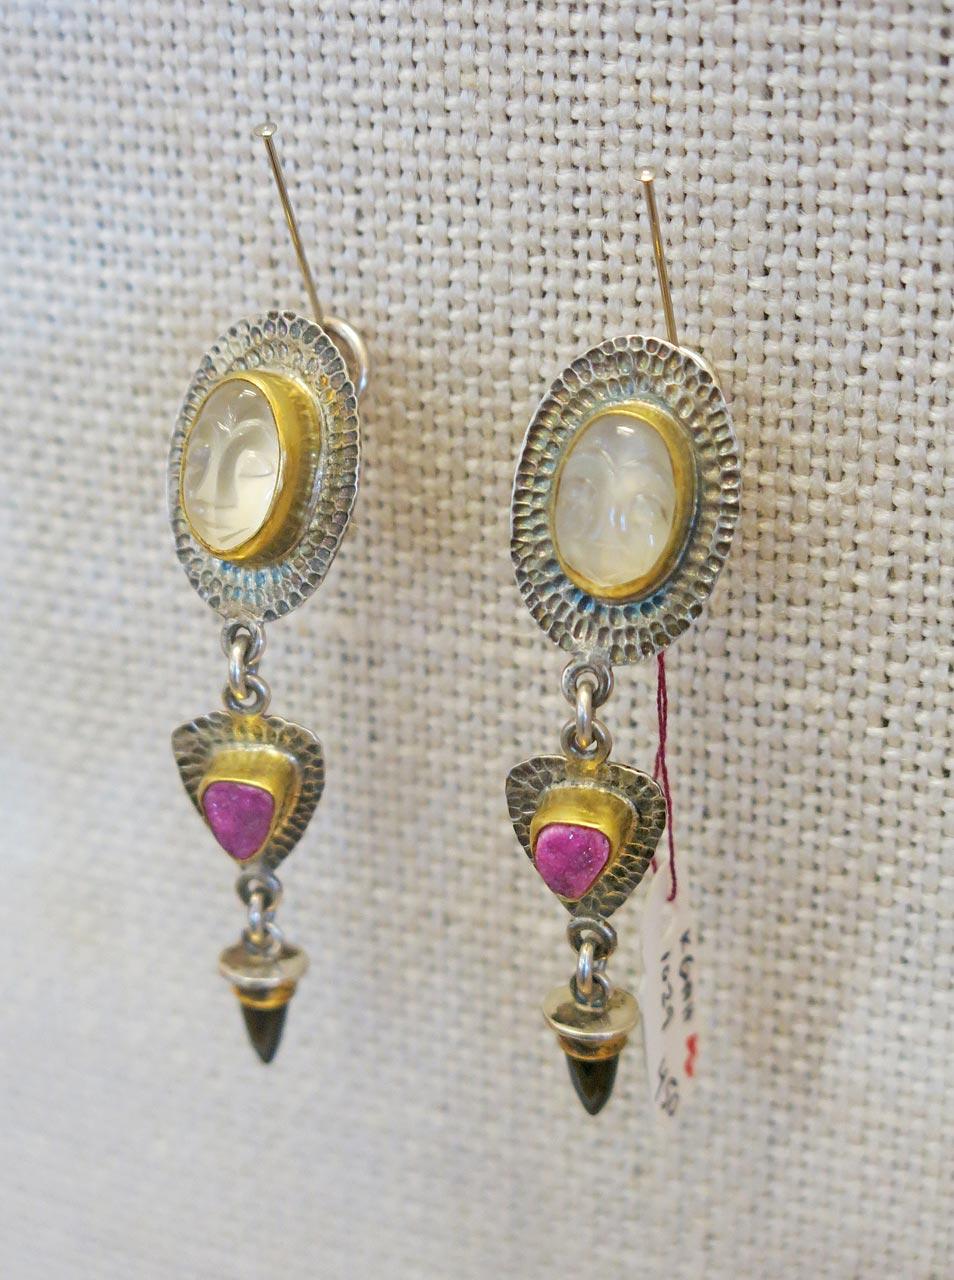 Earrings by Kathlean Gahagan.